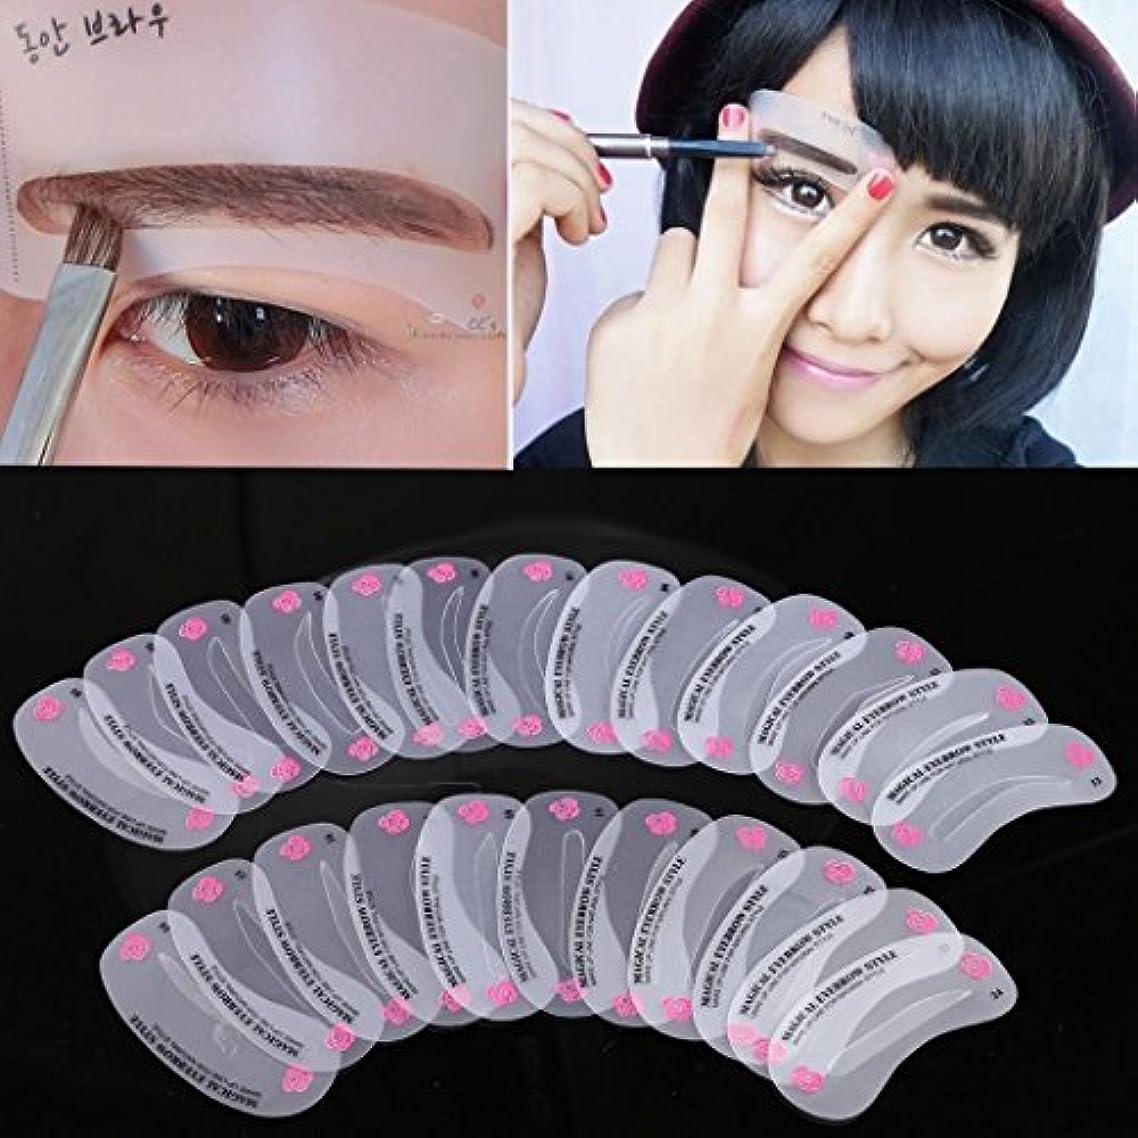 タイヤ本気足首グルーミングキットセット化粧シェーパー眉ステンシル整形24の異なる眉スタイル